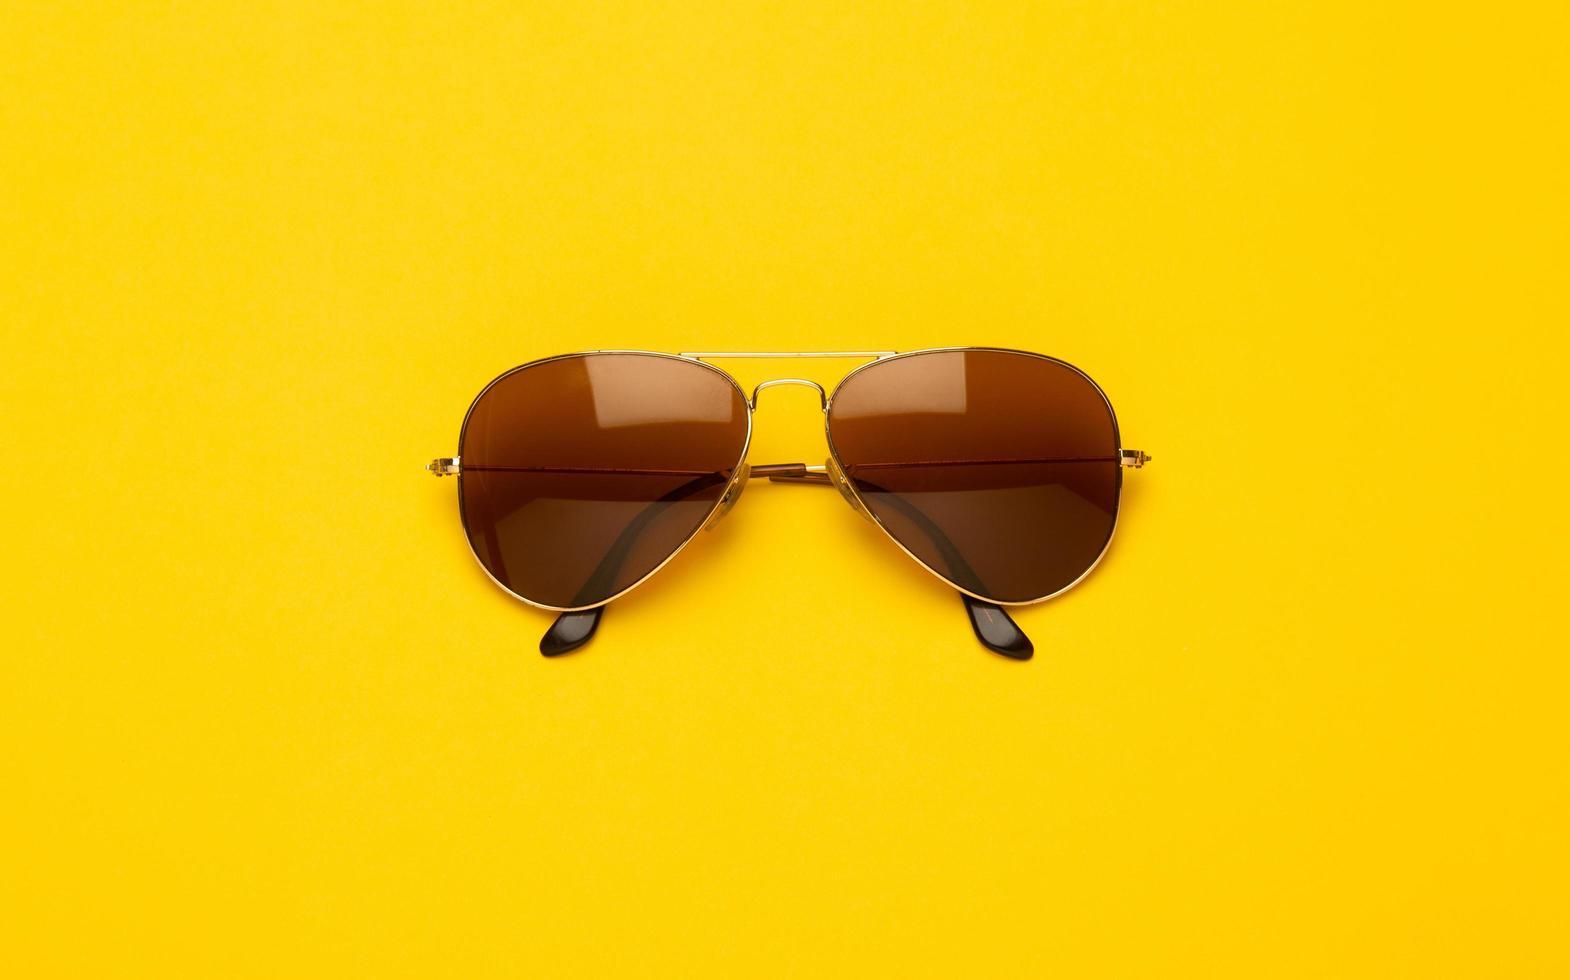 bruna solglasögon på gul bakgrund foto